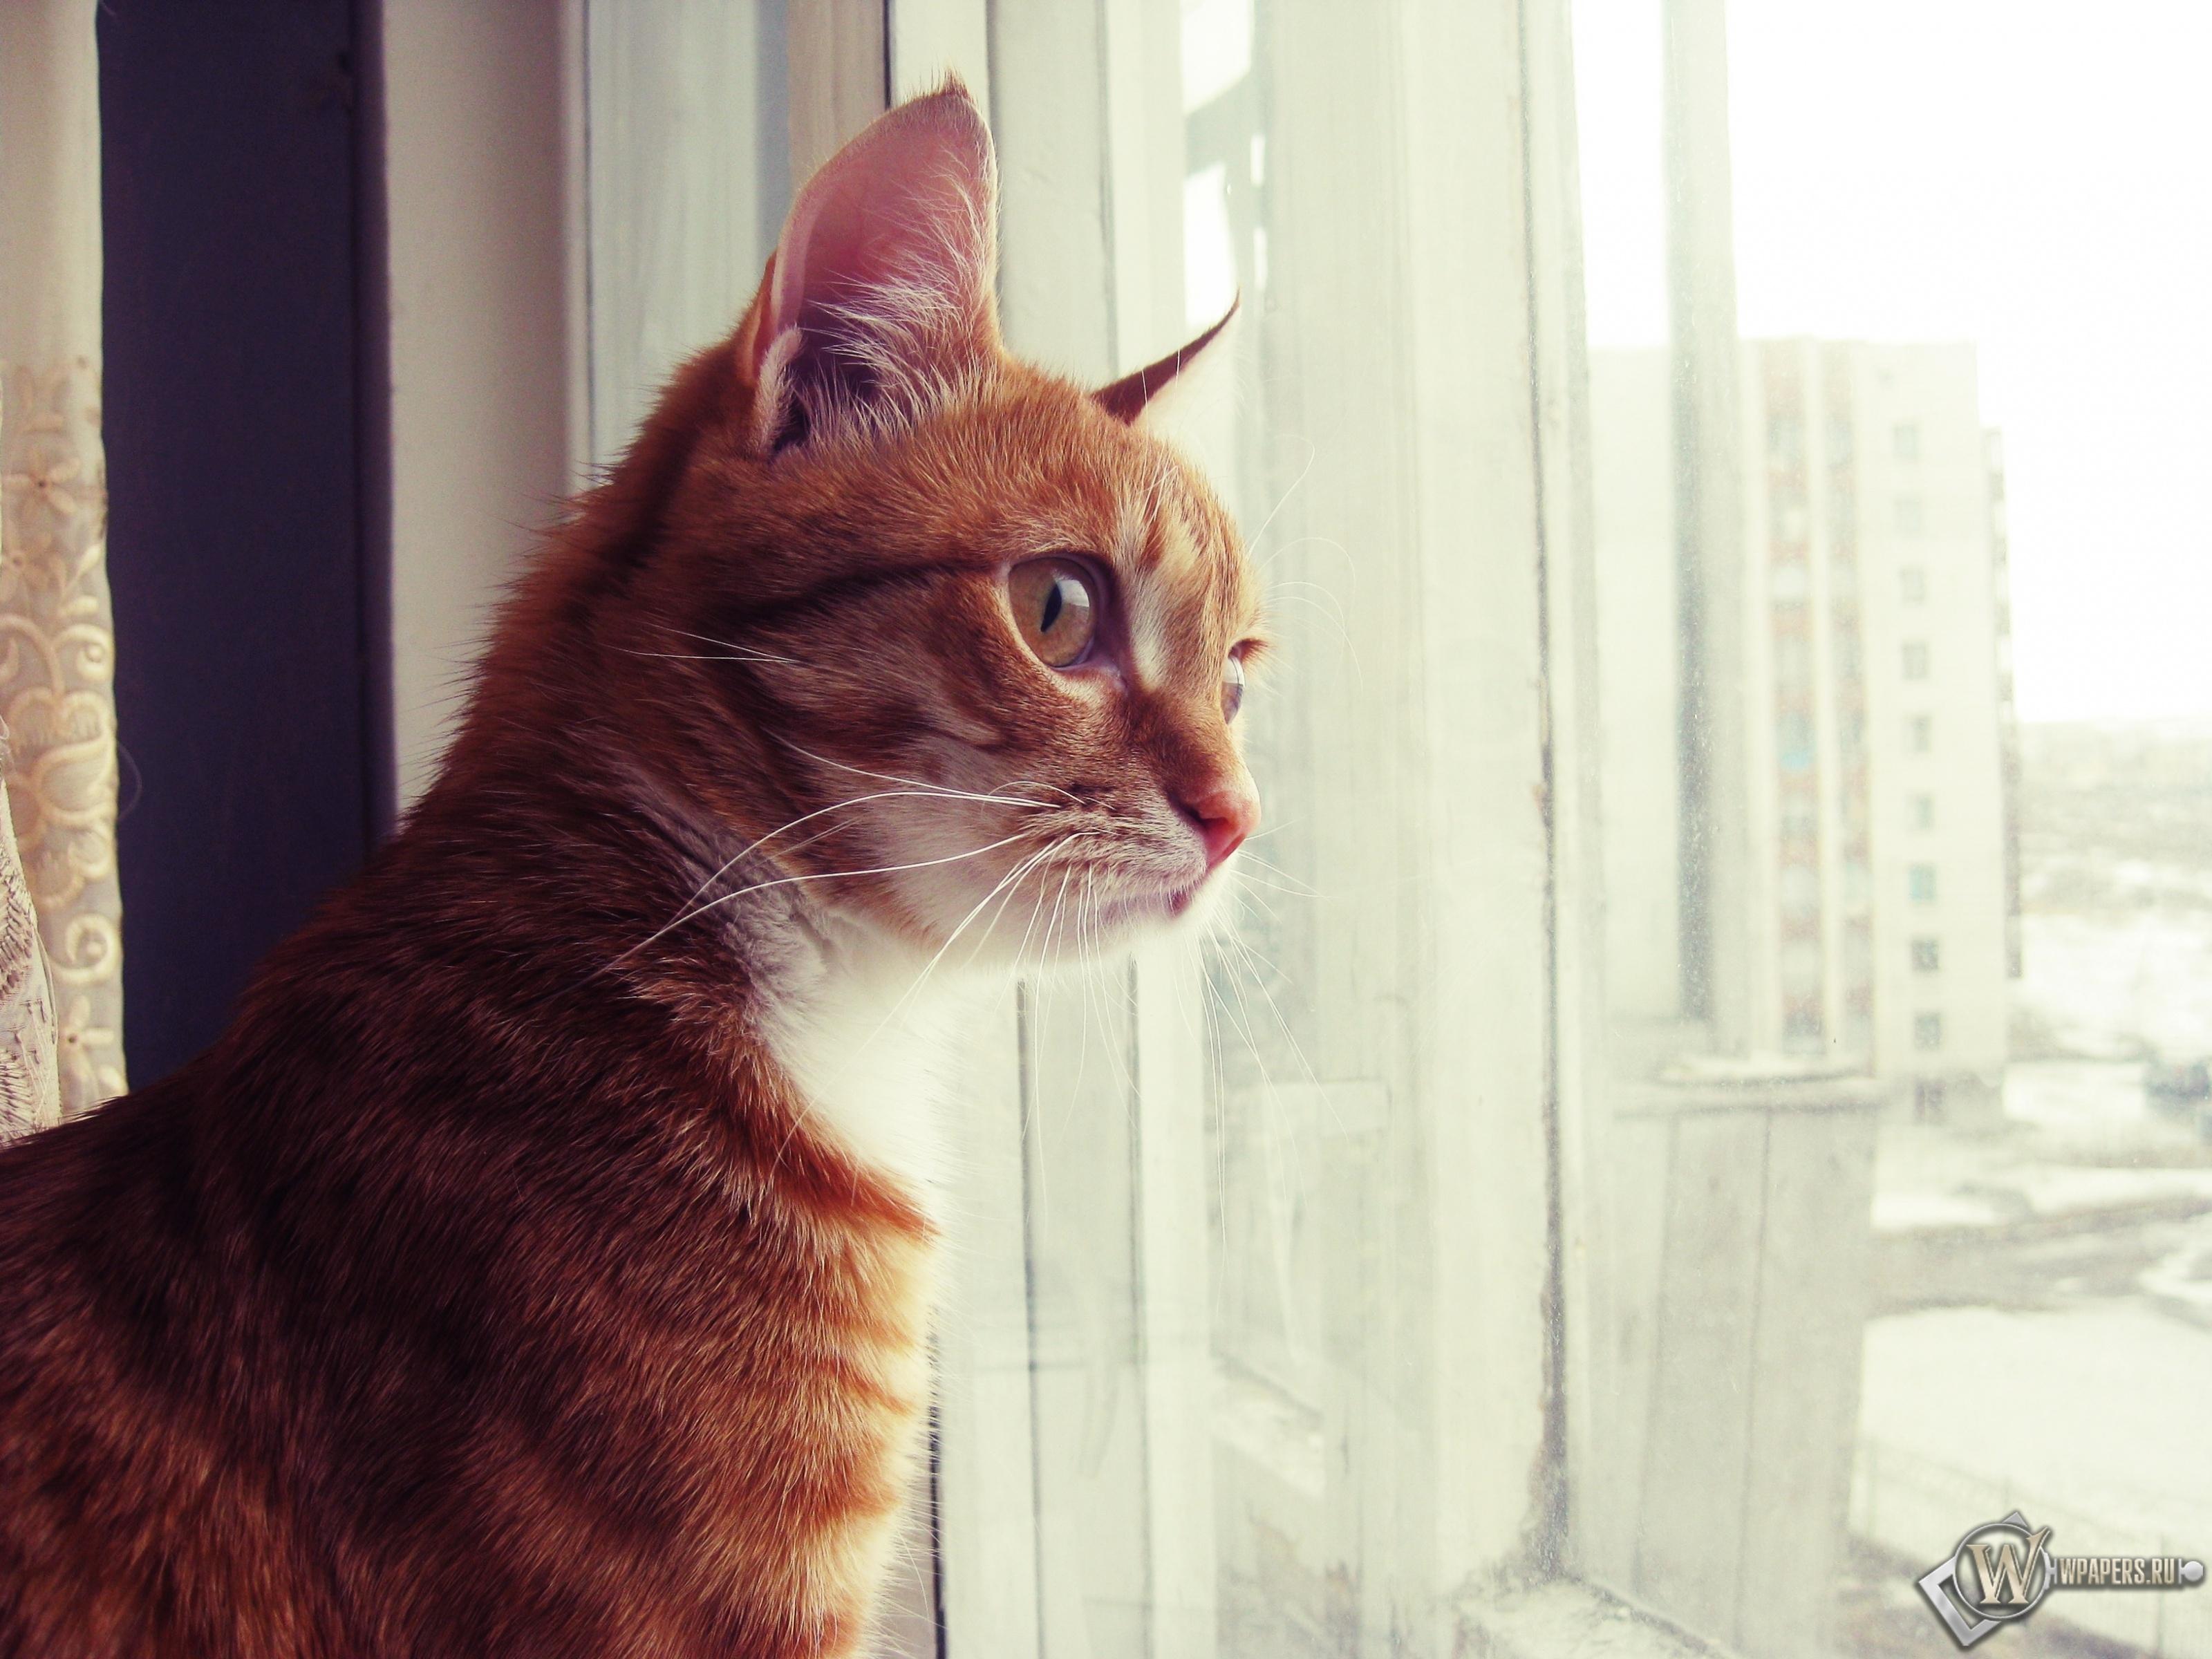 Кот смотрит в окно 3200x2400